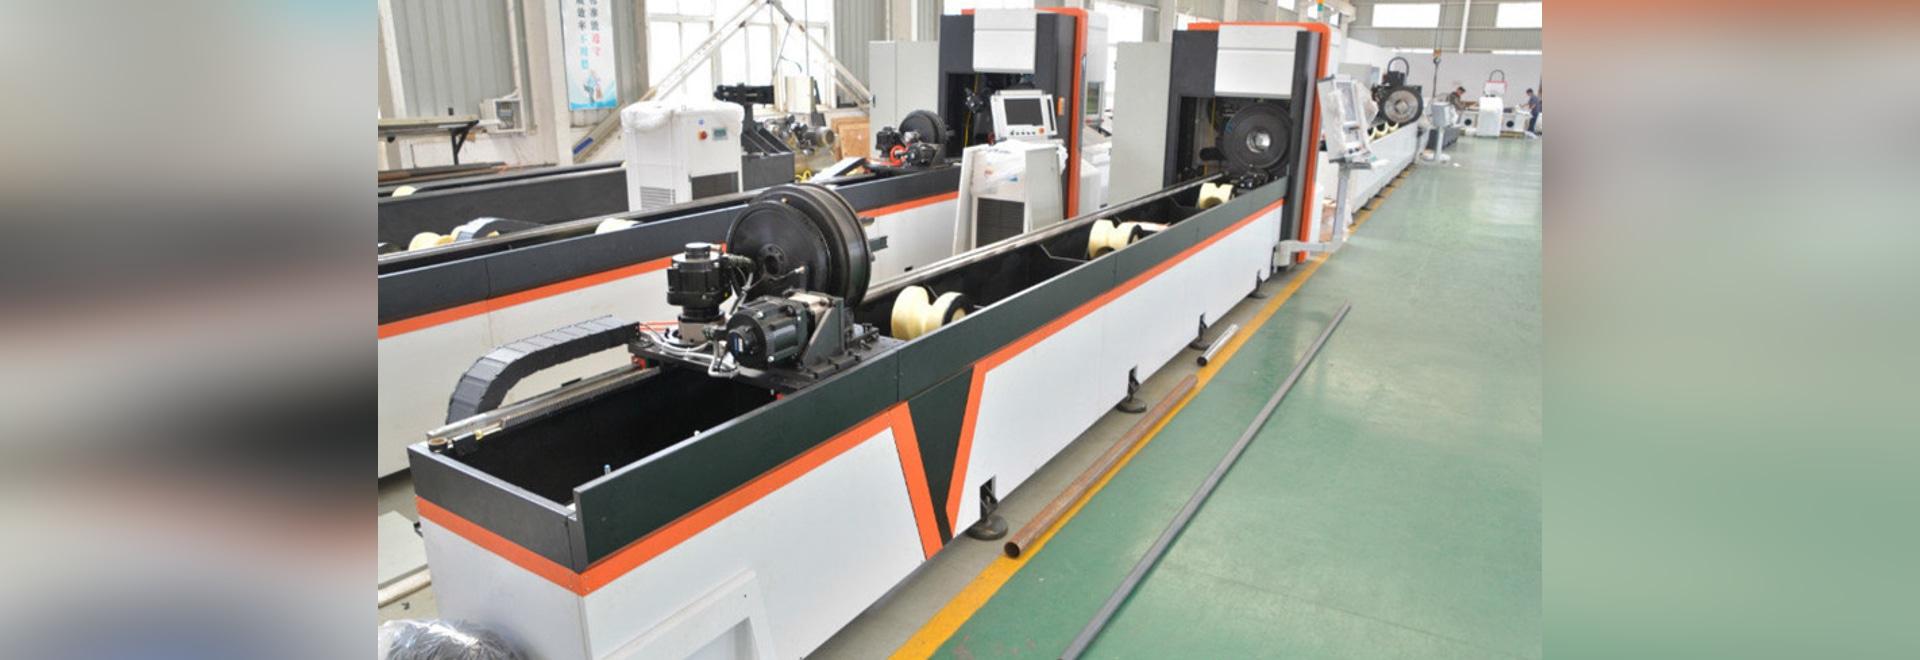 Producción en serie de máquina automática de corte por láser de fibra de láser Golden Vtop láser